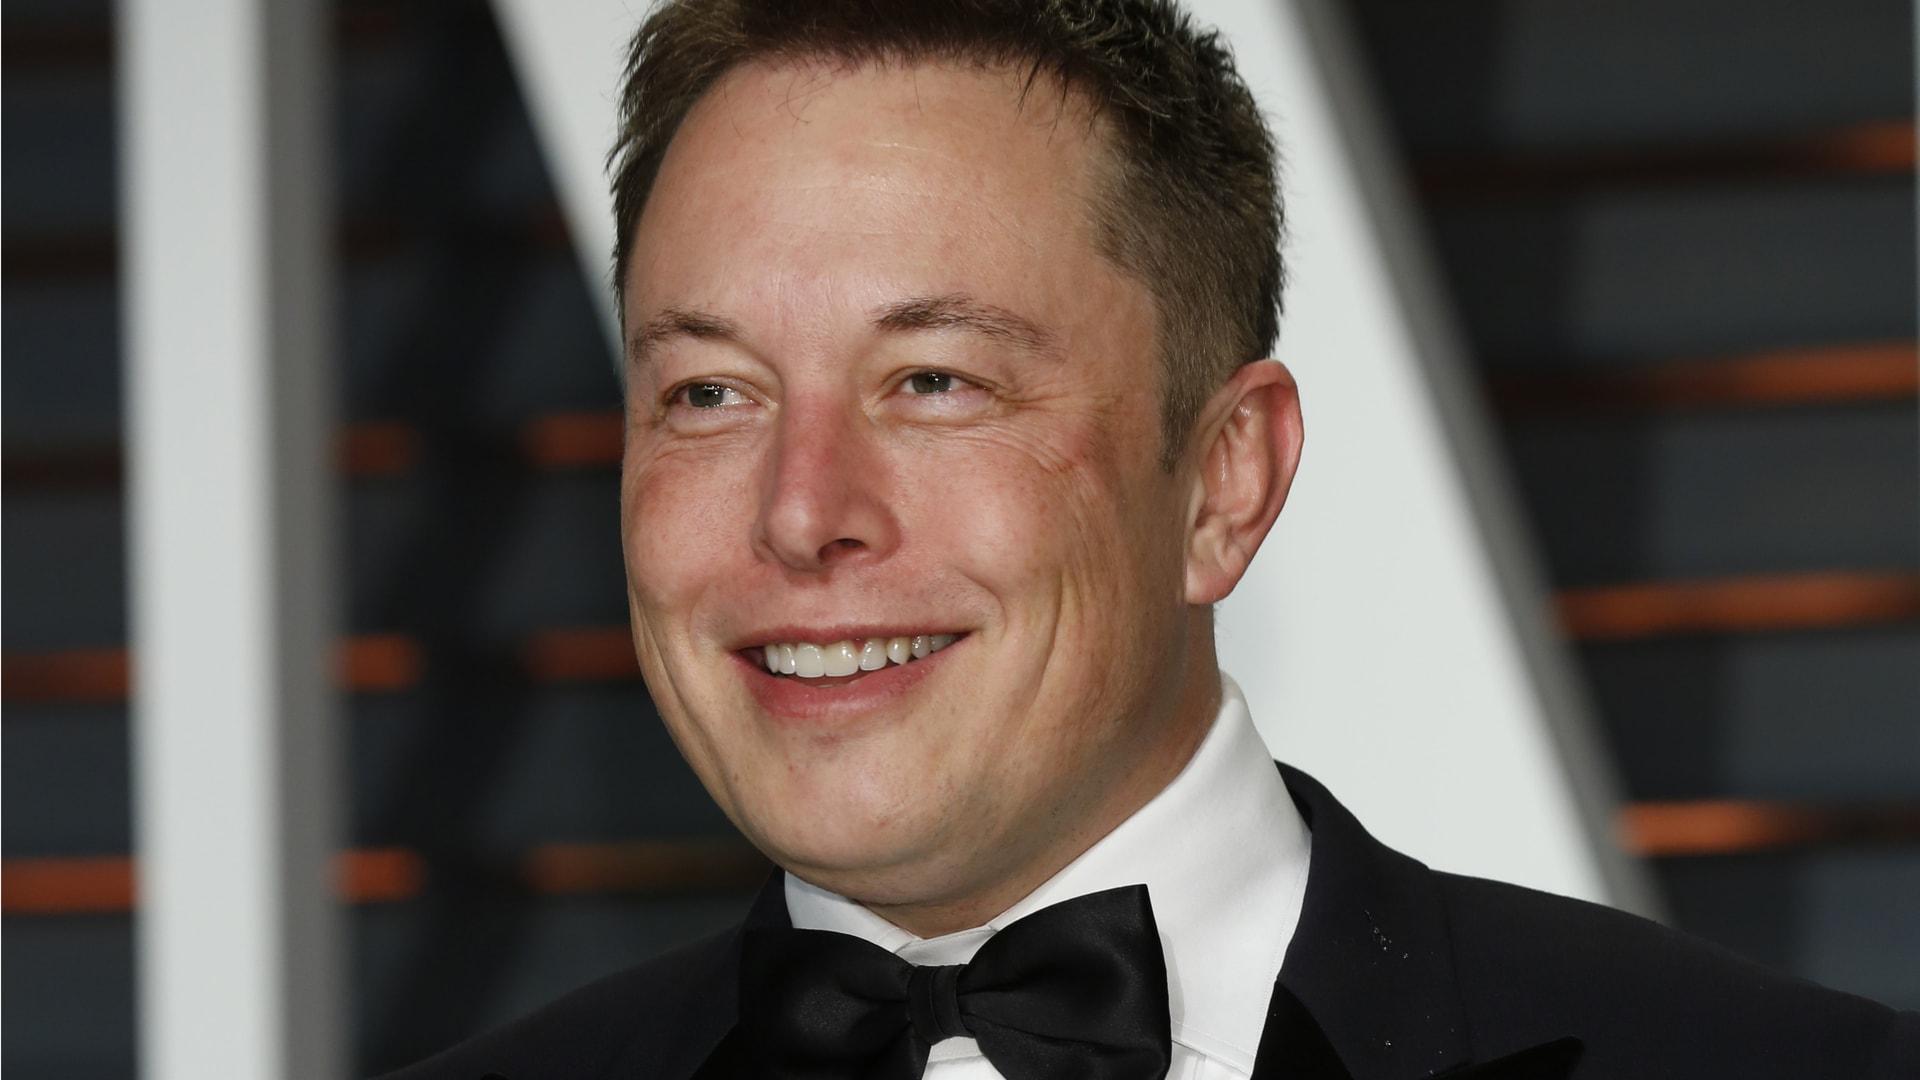 Basogintza Internet konkistatzen du.  Elon Musk-ek Treelon izenarekin aldatu zuen eta milioi bat zuhaitz sortu zituen